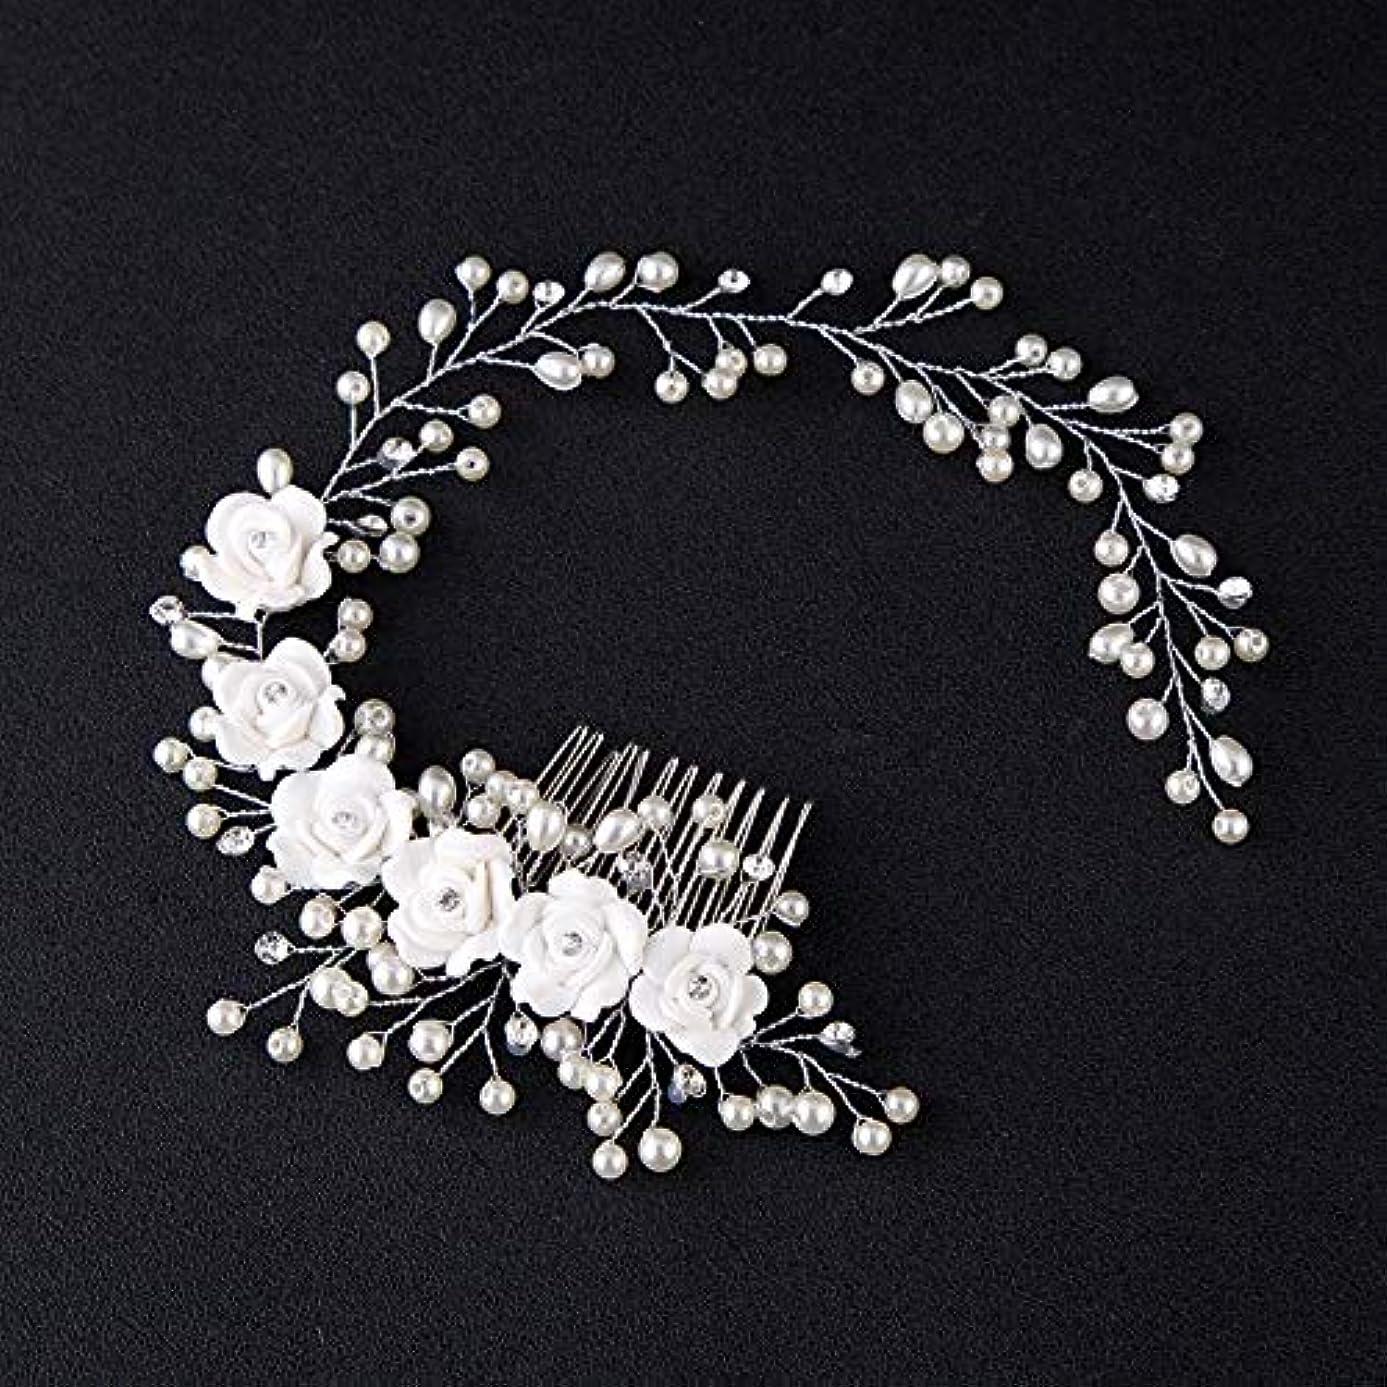 対話草リレーHairpinheair YHM女性の髪の櫛の花嫁の結婚式のヘアクリップ手作りの花のビーズの装飾レディースヘアアクセサリー